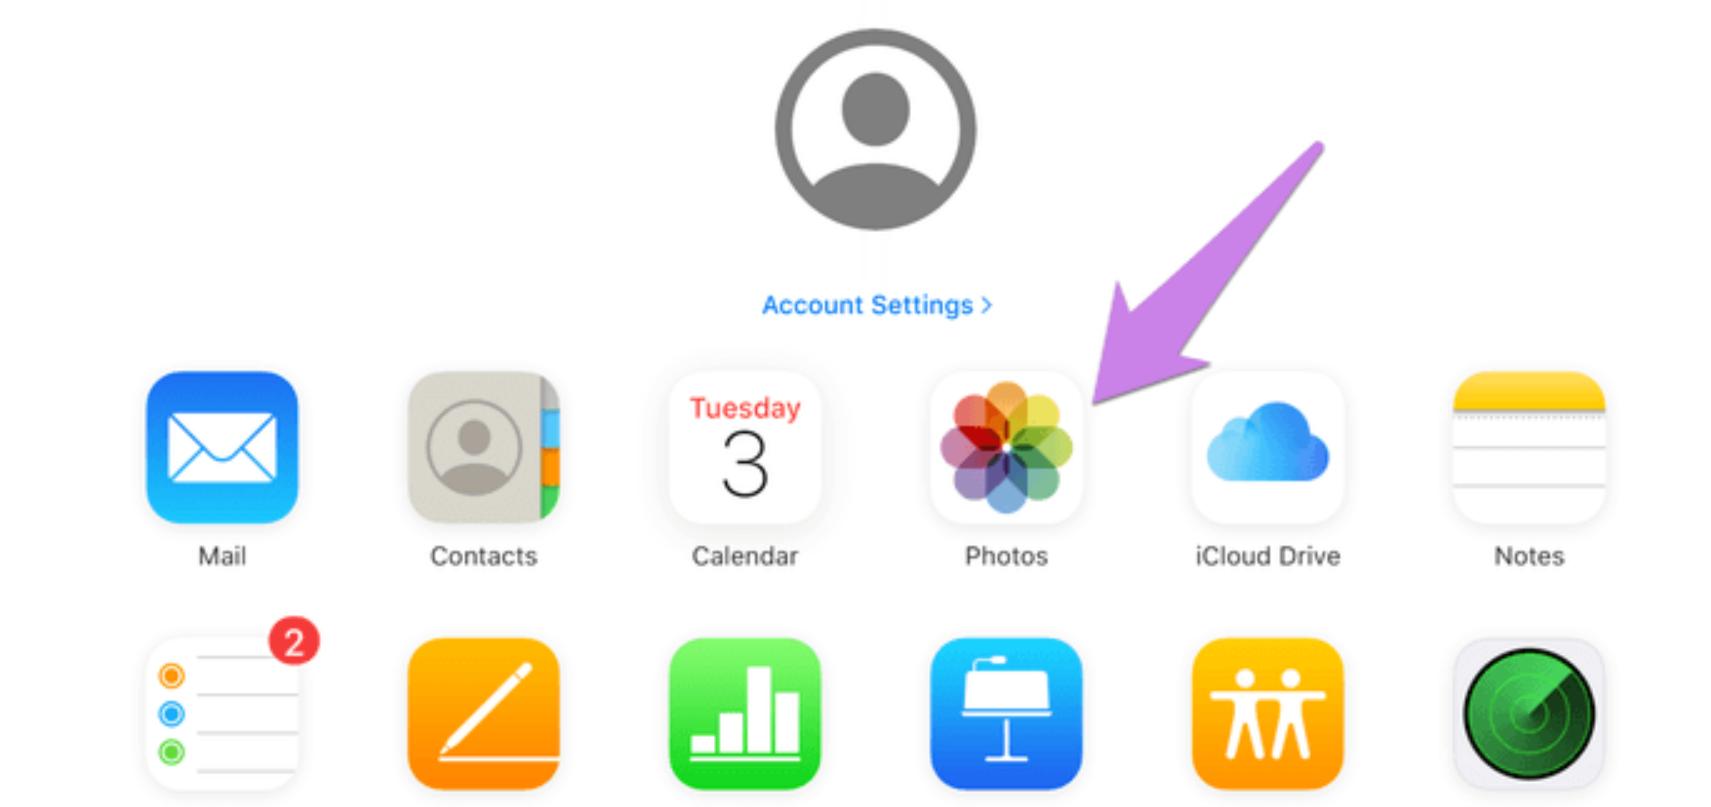 Cách chuyển Google Photos sang iCloud